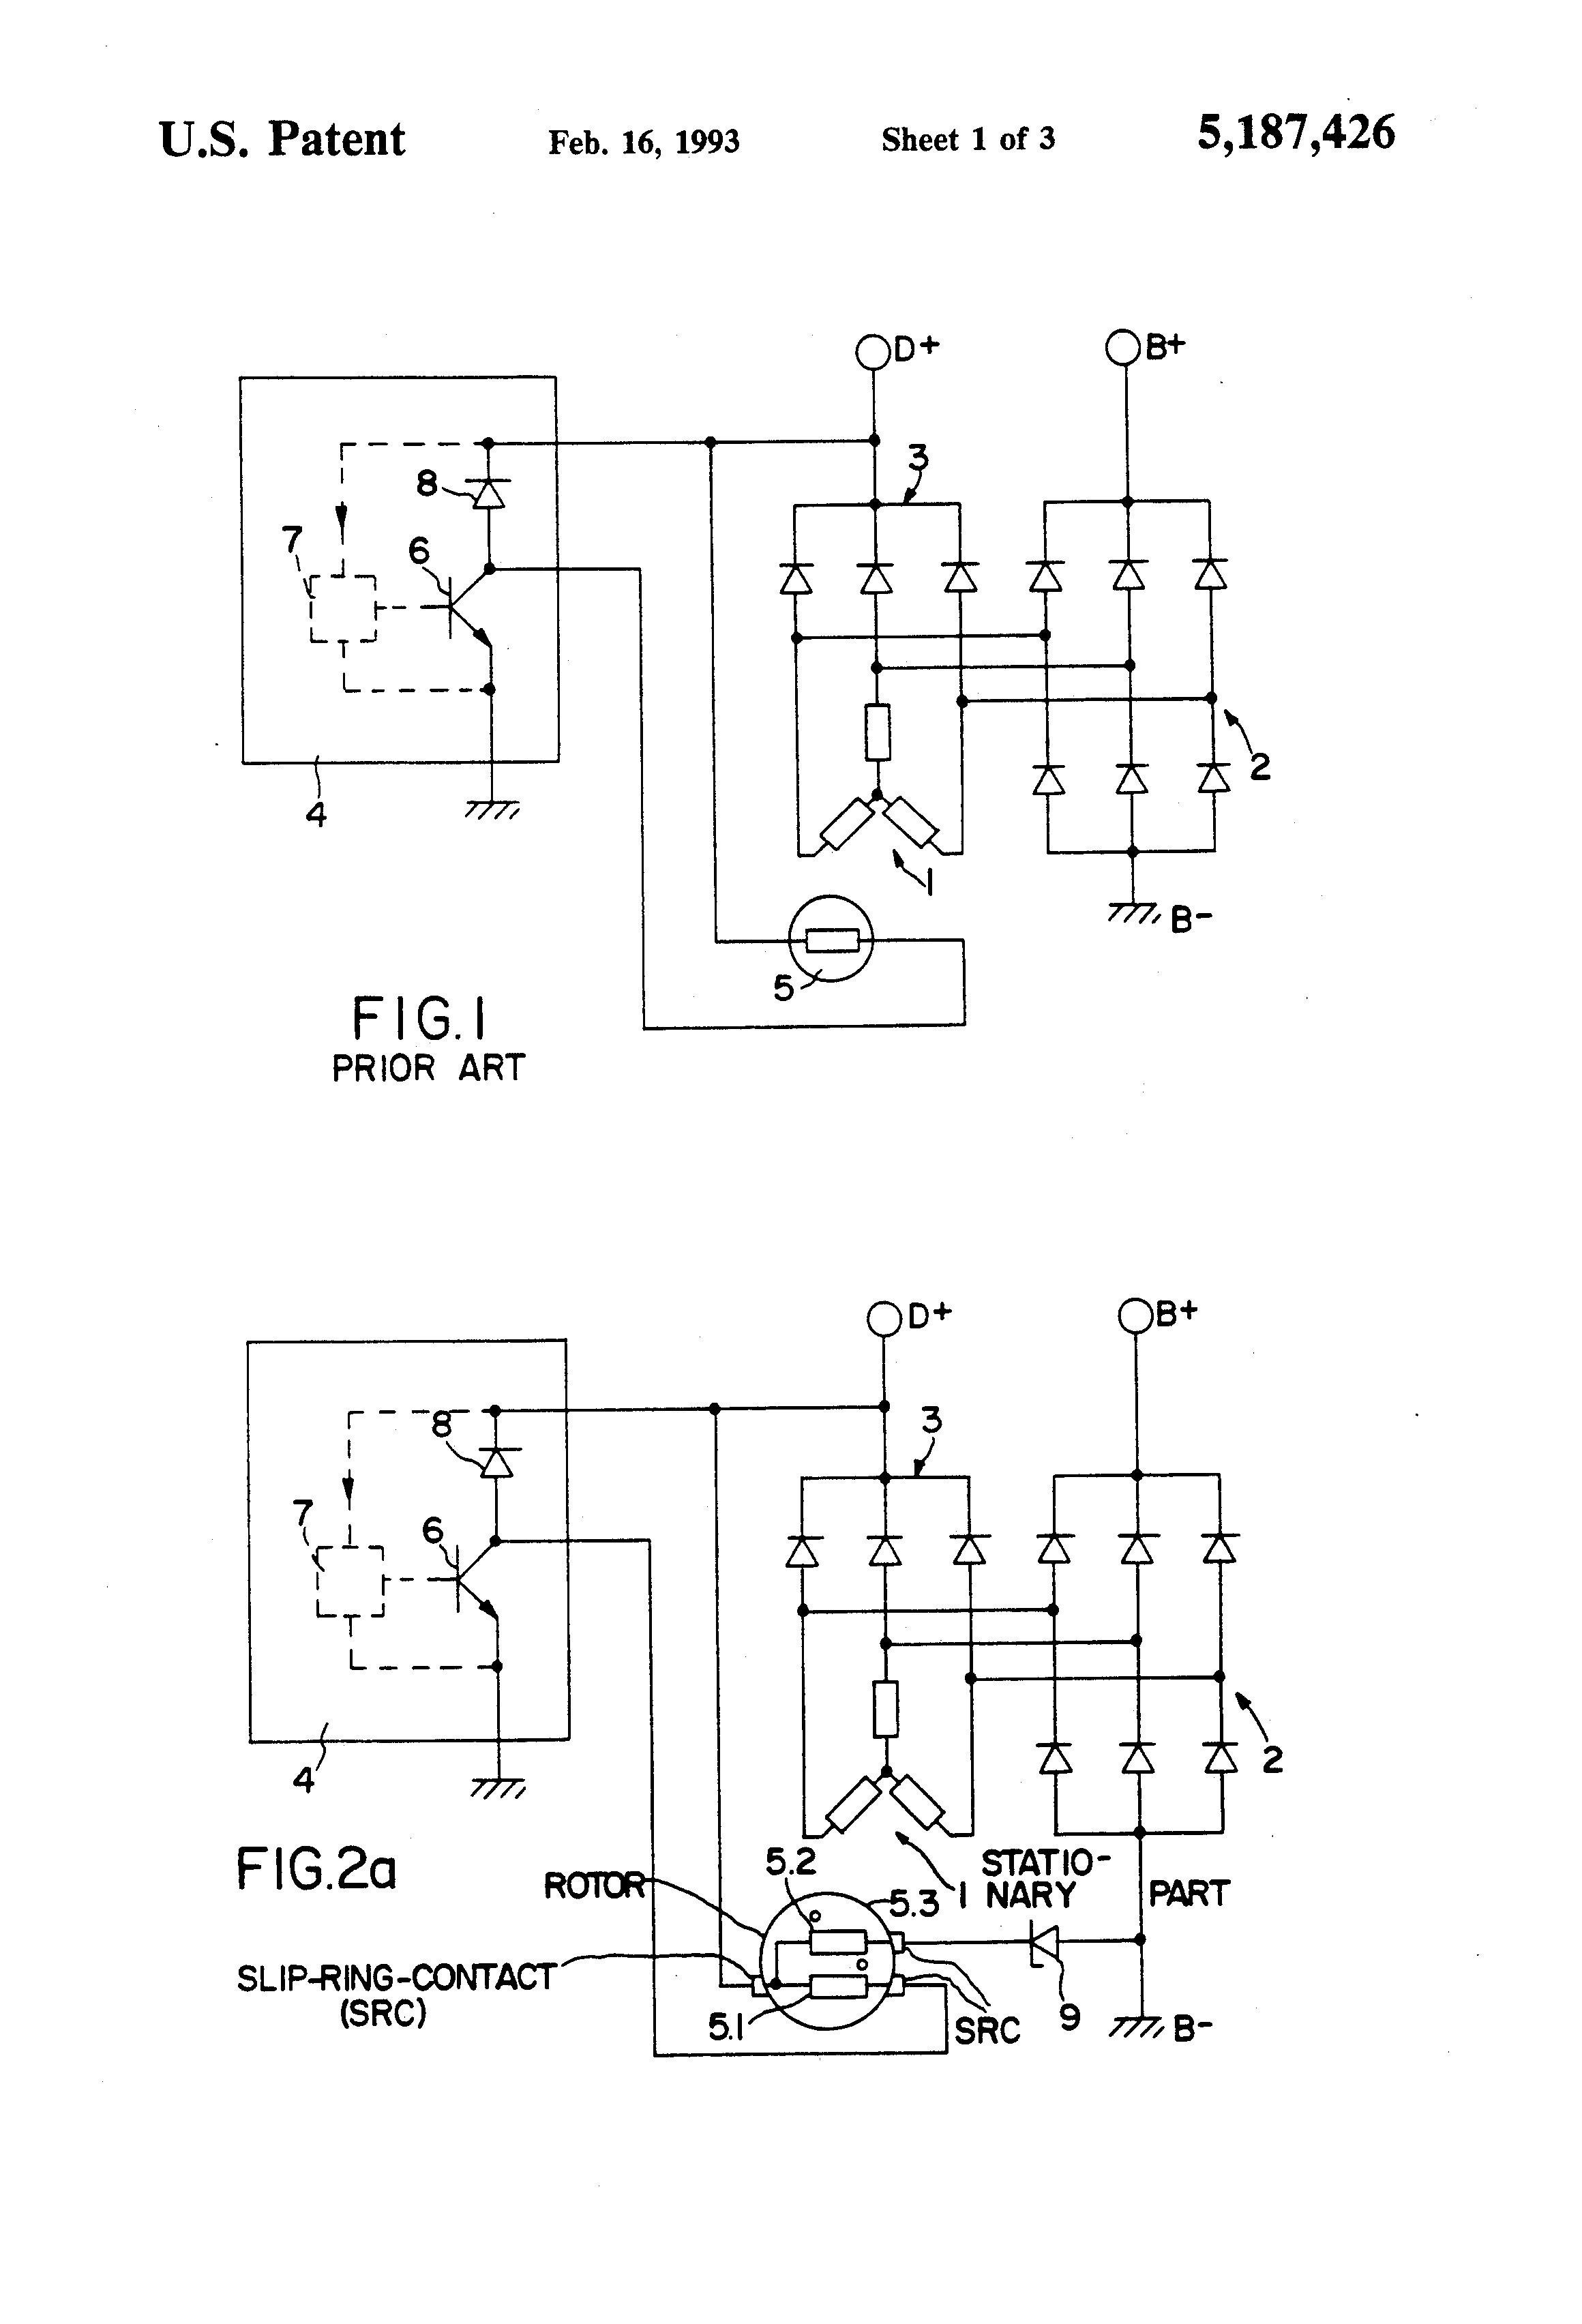 Mitsubishi Alternator Wiring Diagram Pdf Fresh Wiring Diagram Mitsubishi Alternator Refrence Alternator Wiring